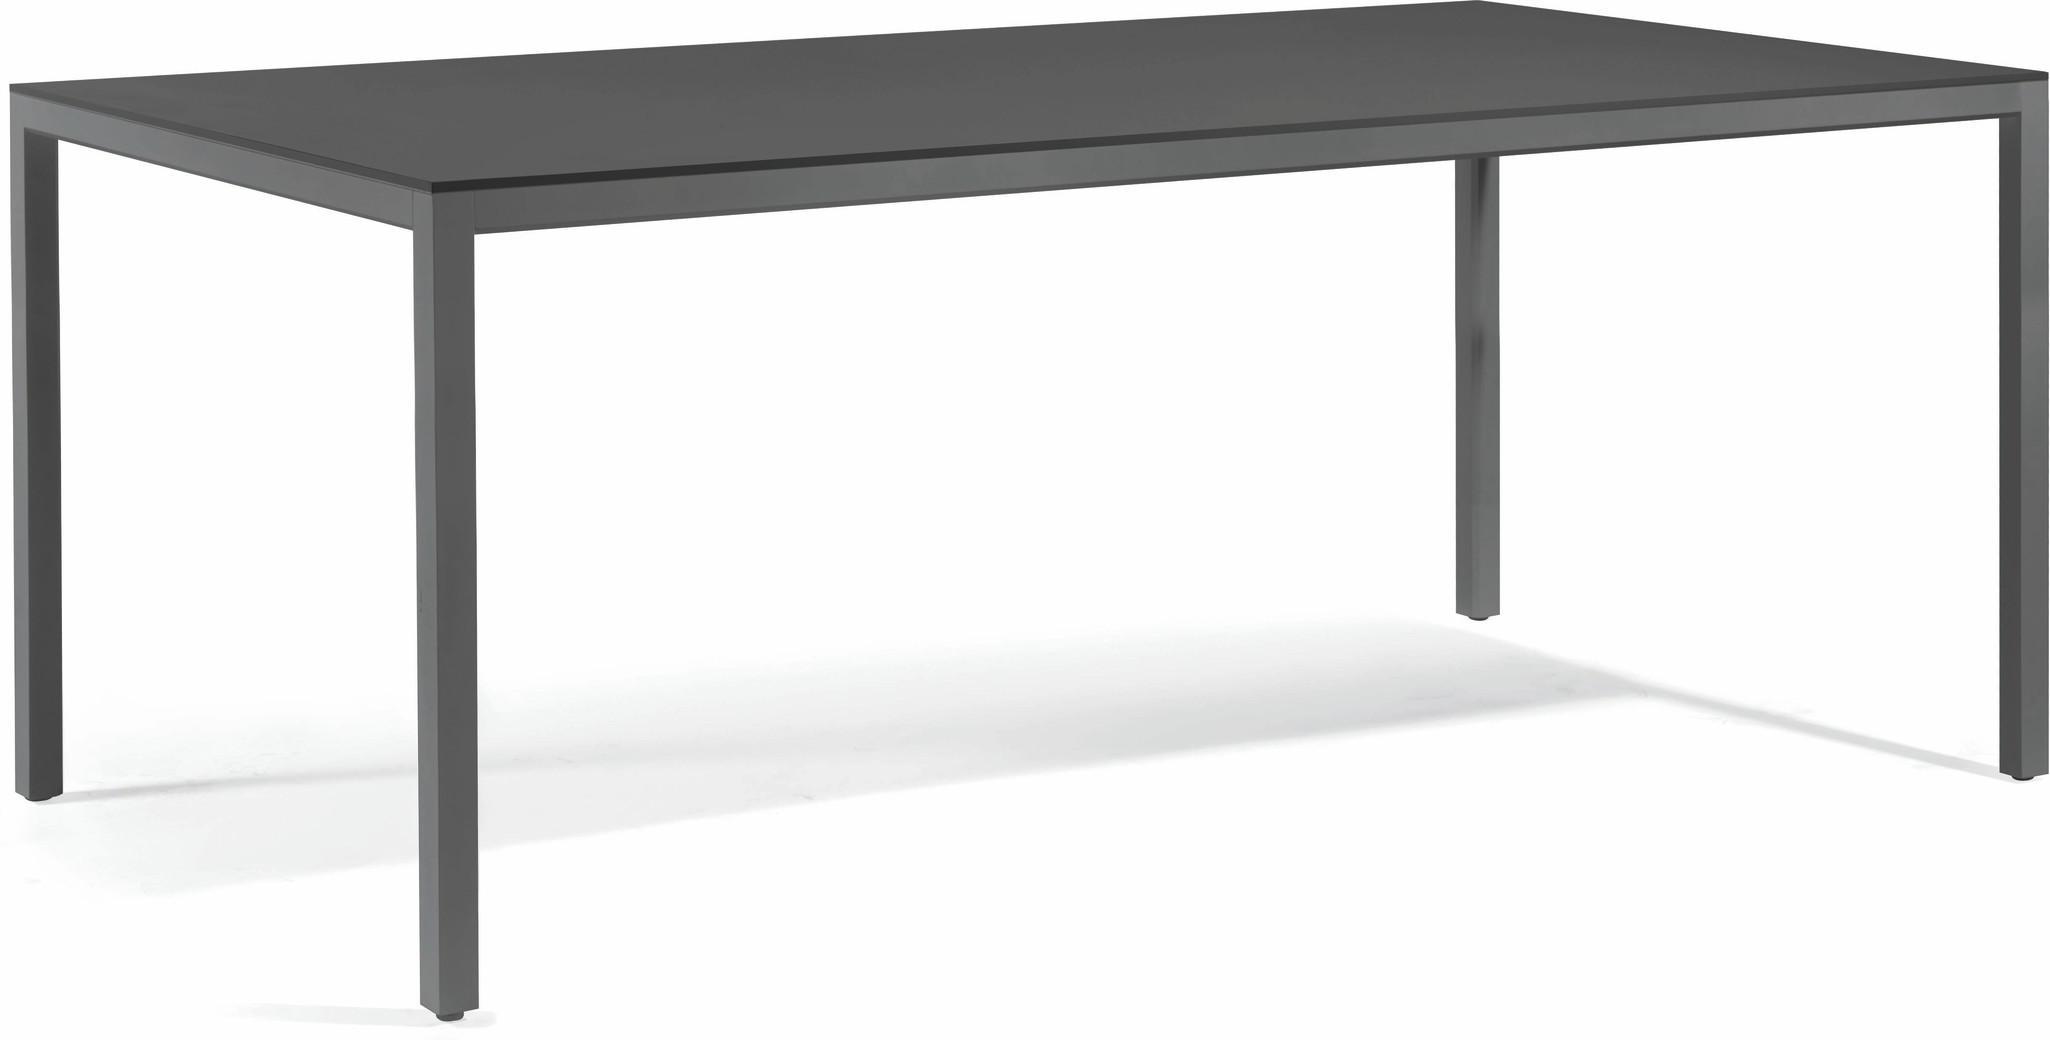 Table à manger Quarto - lave - GLS 270